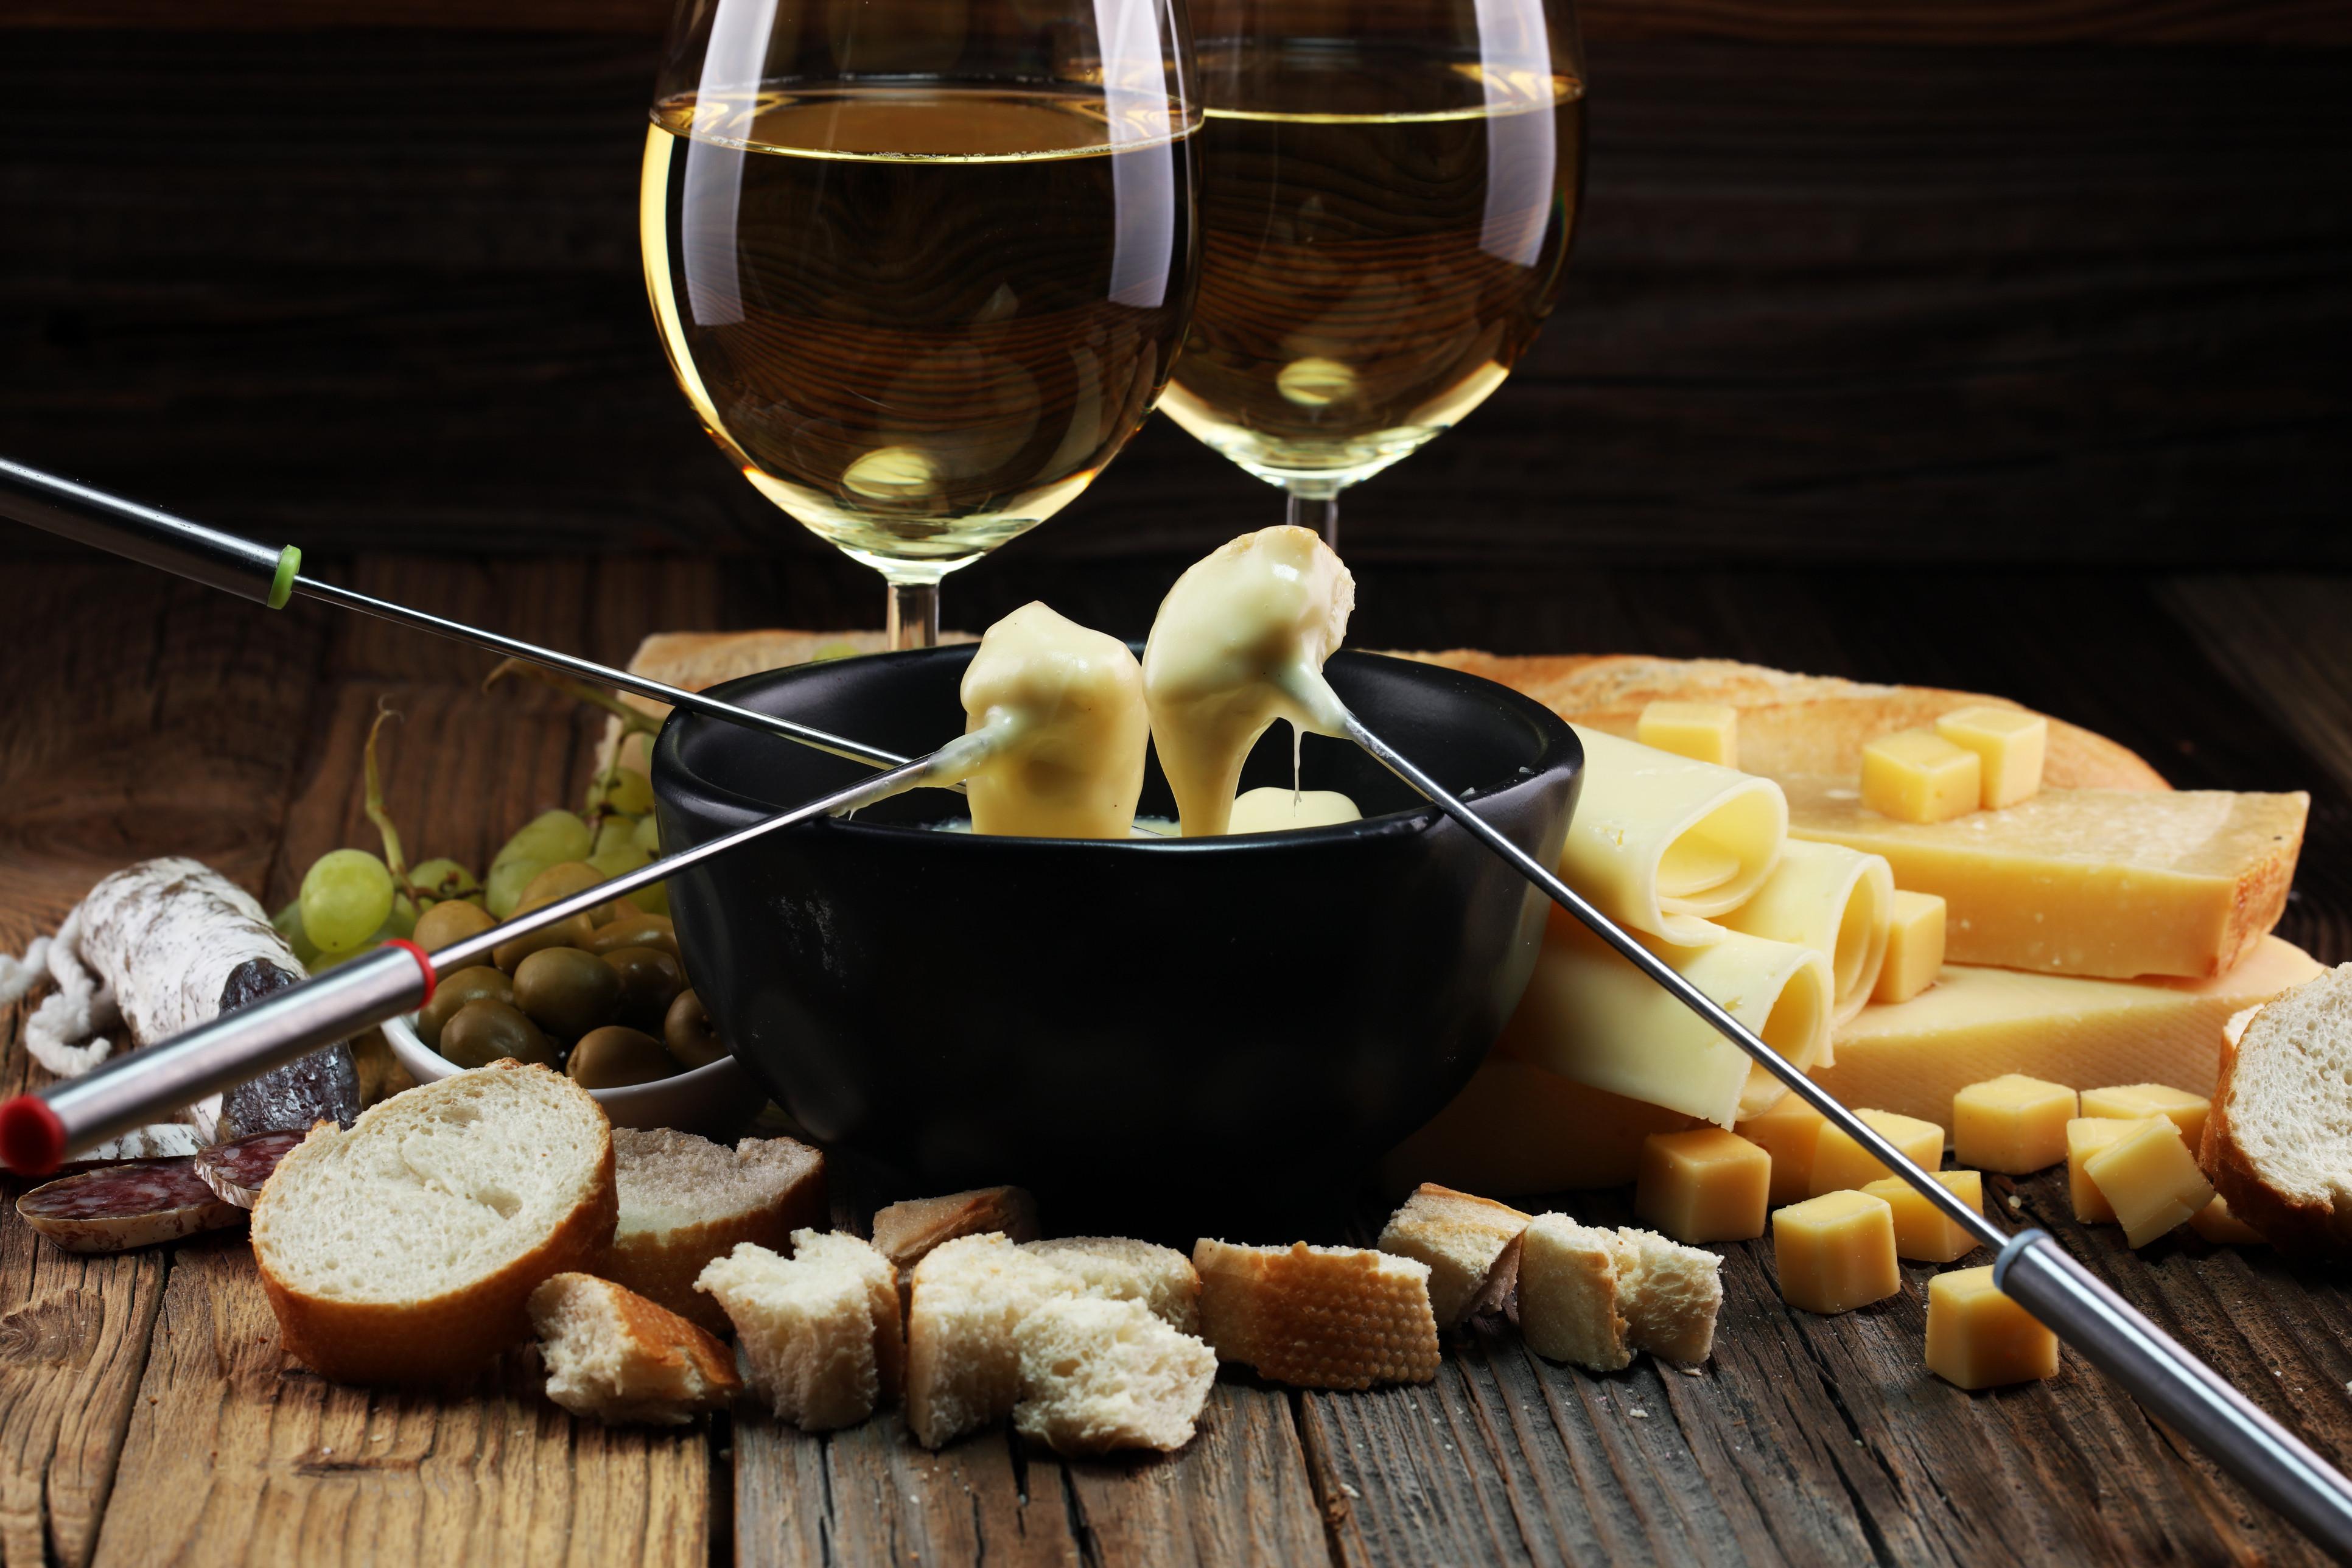 Astória celebra gastronomia francesa, está convidado